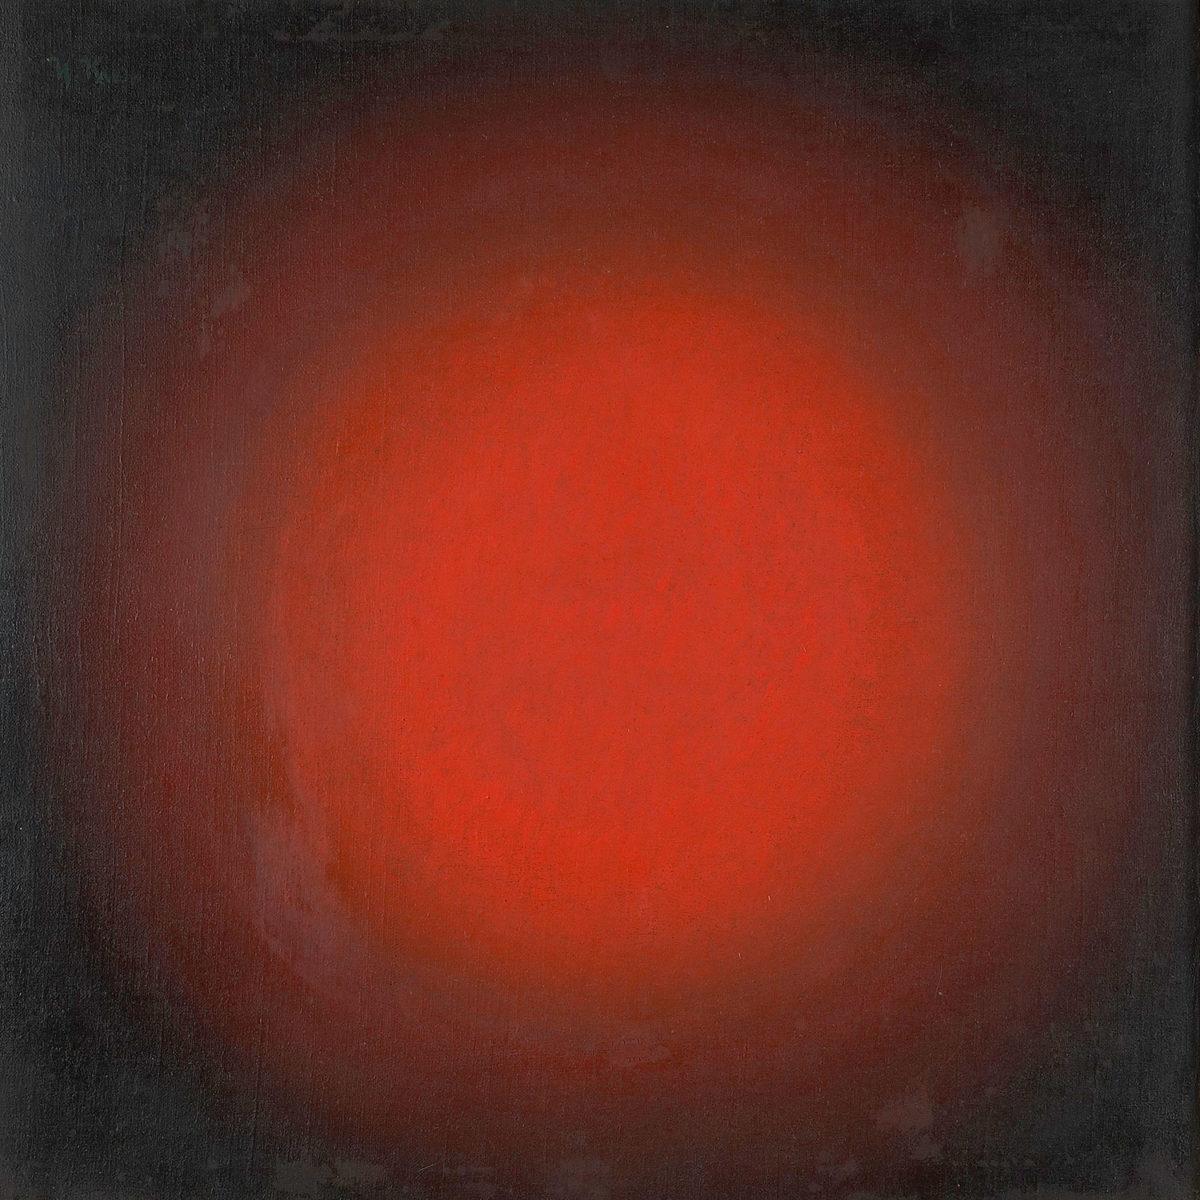 Ιβάν Κλιούν, «Κόκκινο φως. Σφαιρική σύνθεση», 1923, λάδι σε καμβά, 68,3x67,7 εκ. (Πηγή: ΚΜΣΤ-Συλλογή Κωστάκη).